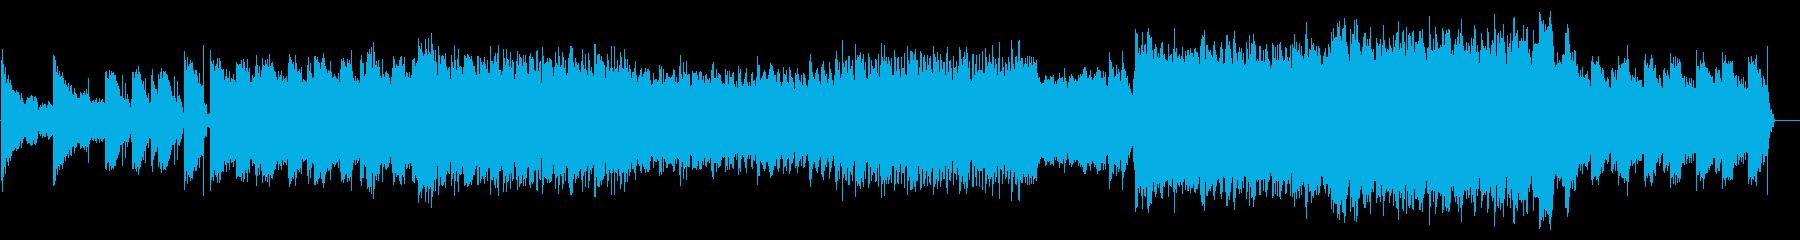 強い主人公の登場をイメージした楽曲の再生済みの波形